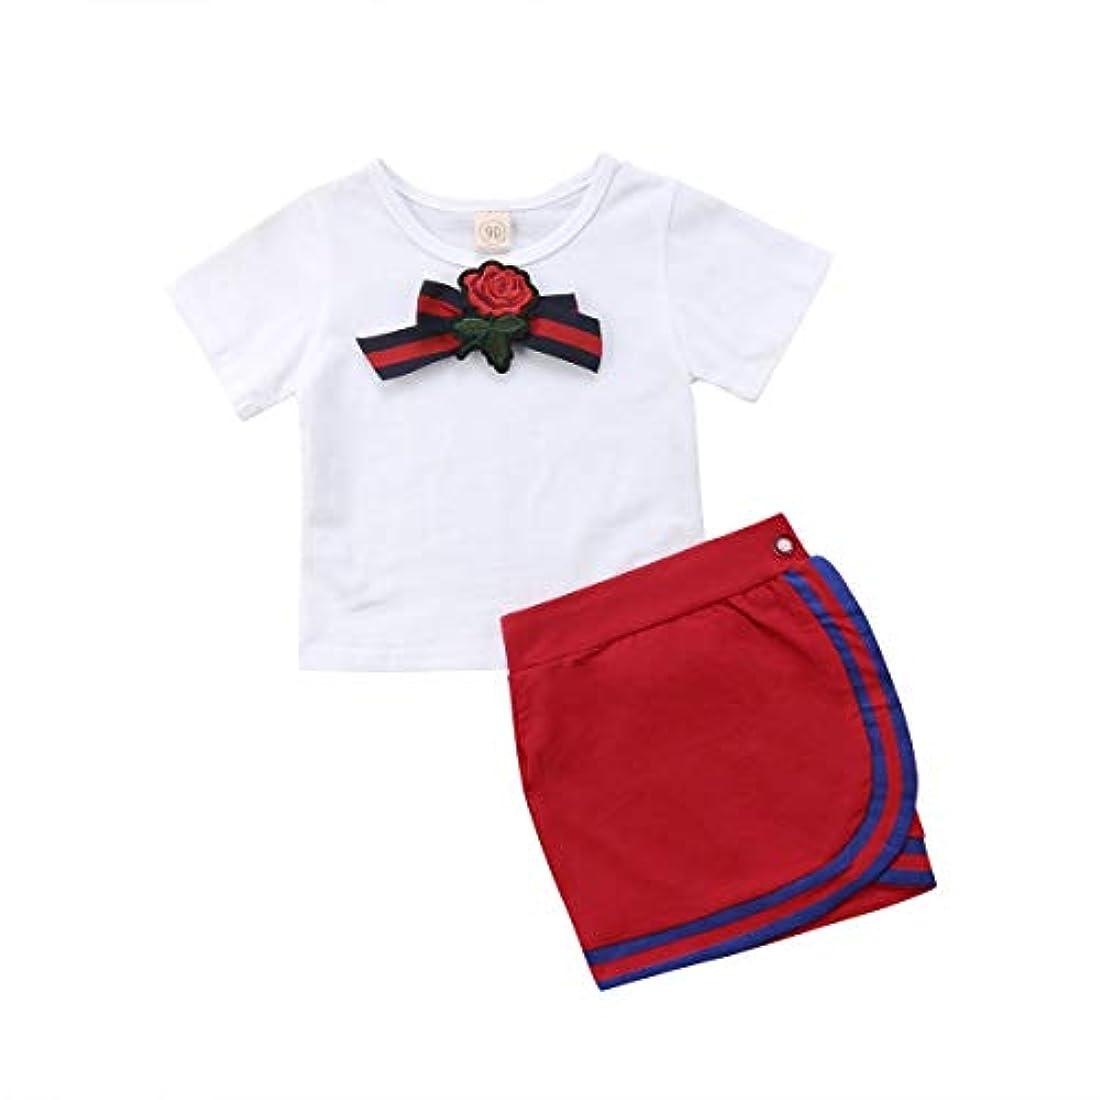 手入れお酢クラウンMaxcrestas - 女子制服新生児キッズベビー は蝶の花タイのTシャツショートミニスカートパーティーウェディングチュチュドレストップス設定します。